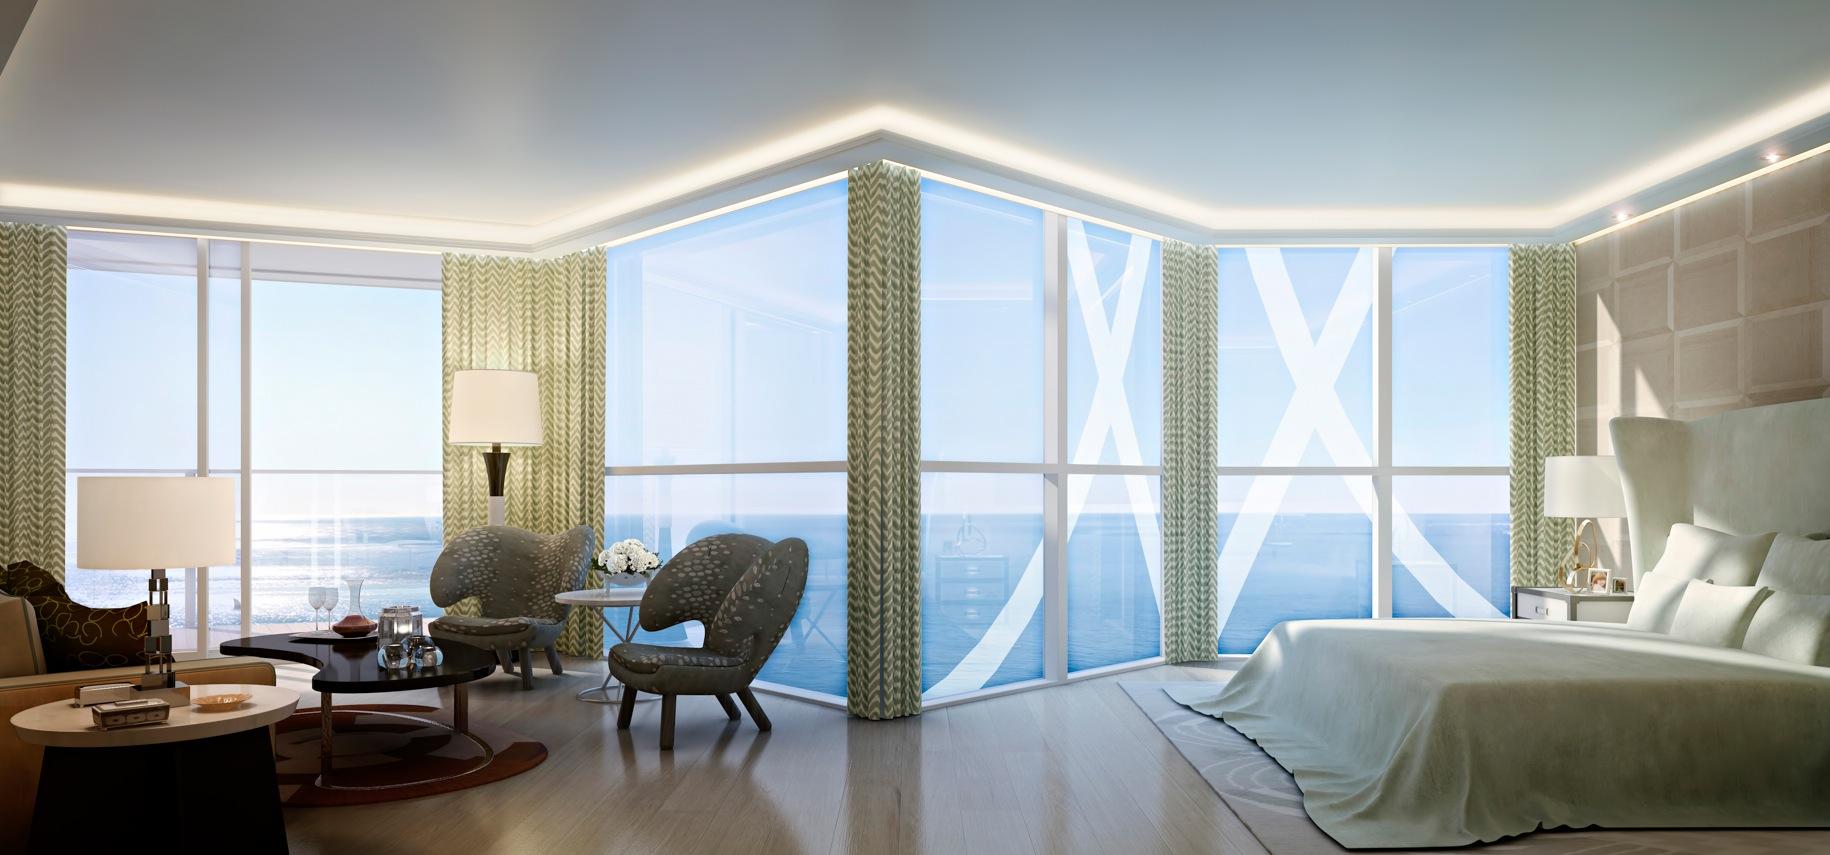 Monaco l 39 appartement penthouse de 300 millions d 39 euros de la tour o - Appartement le plus cher monaco ...